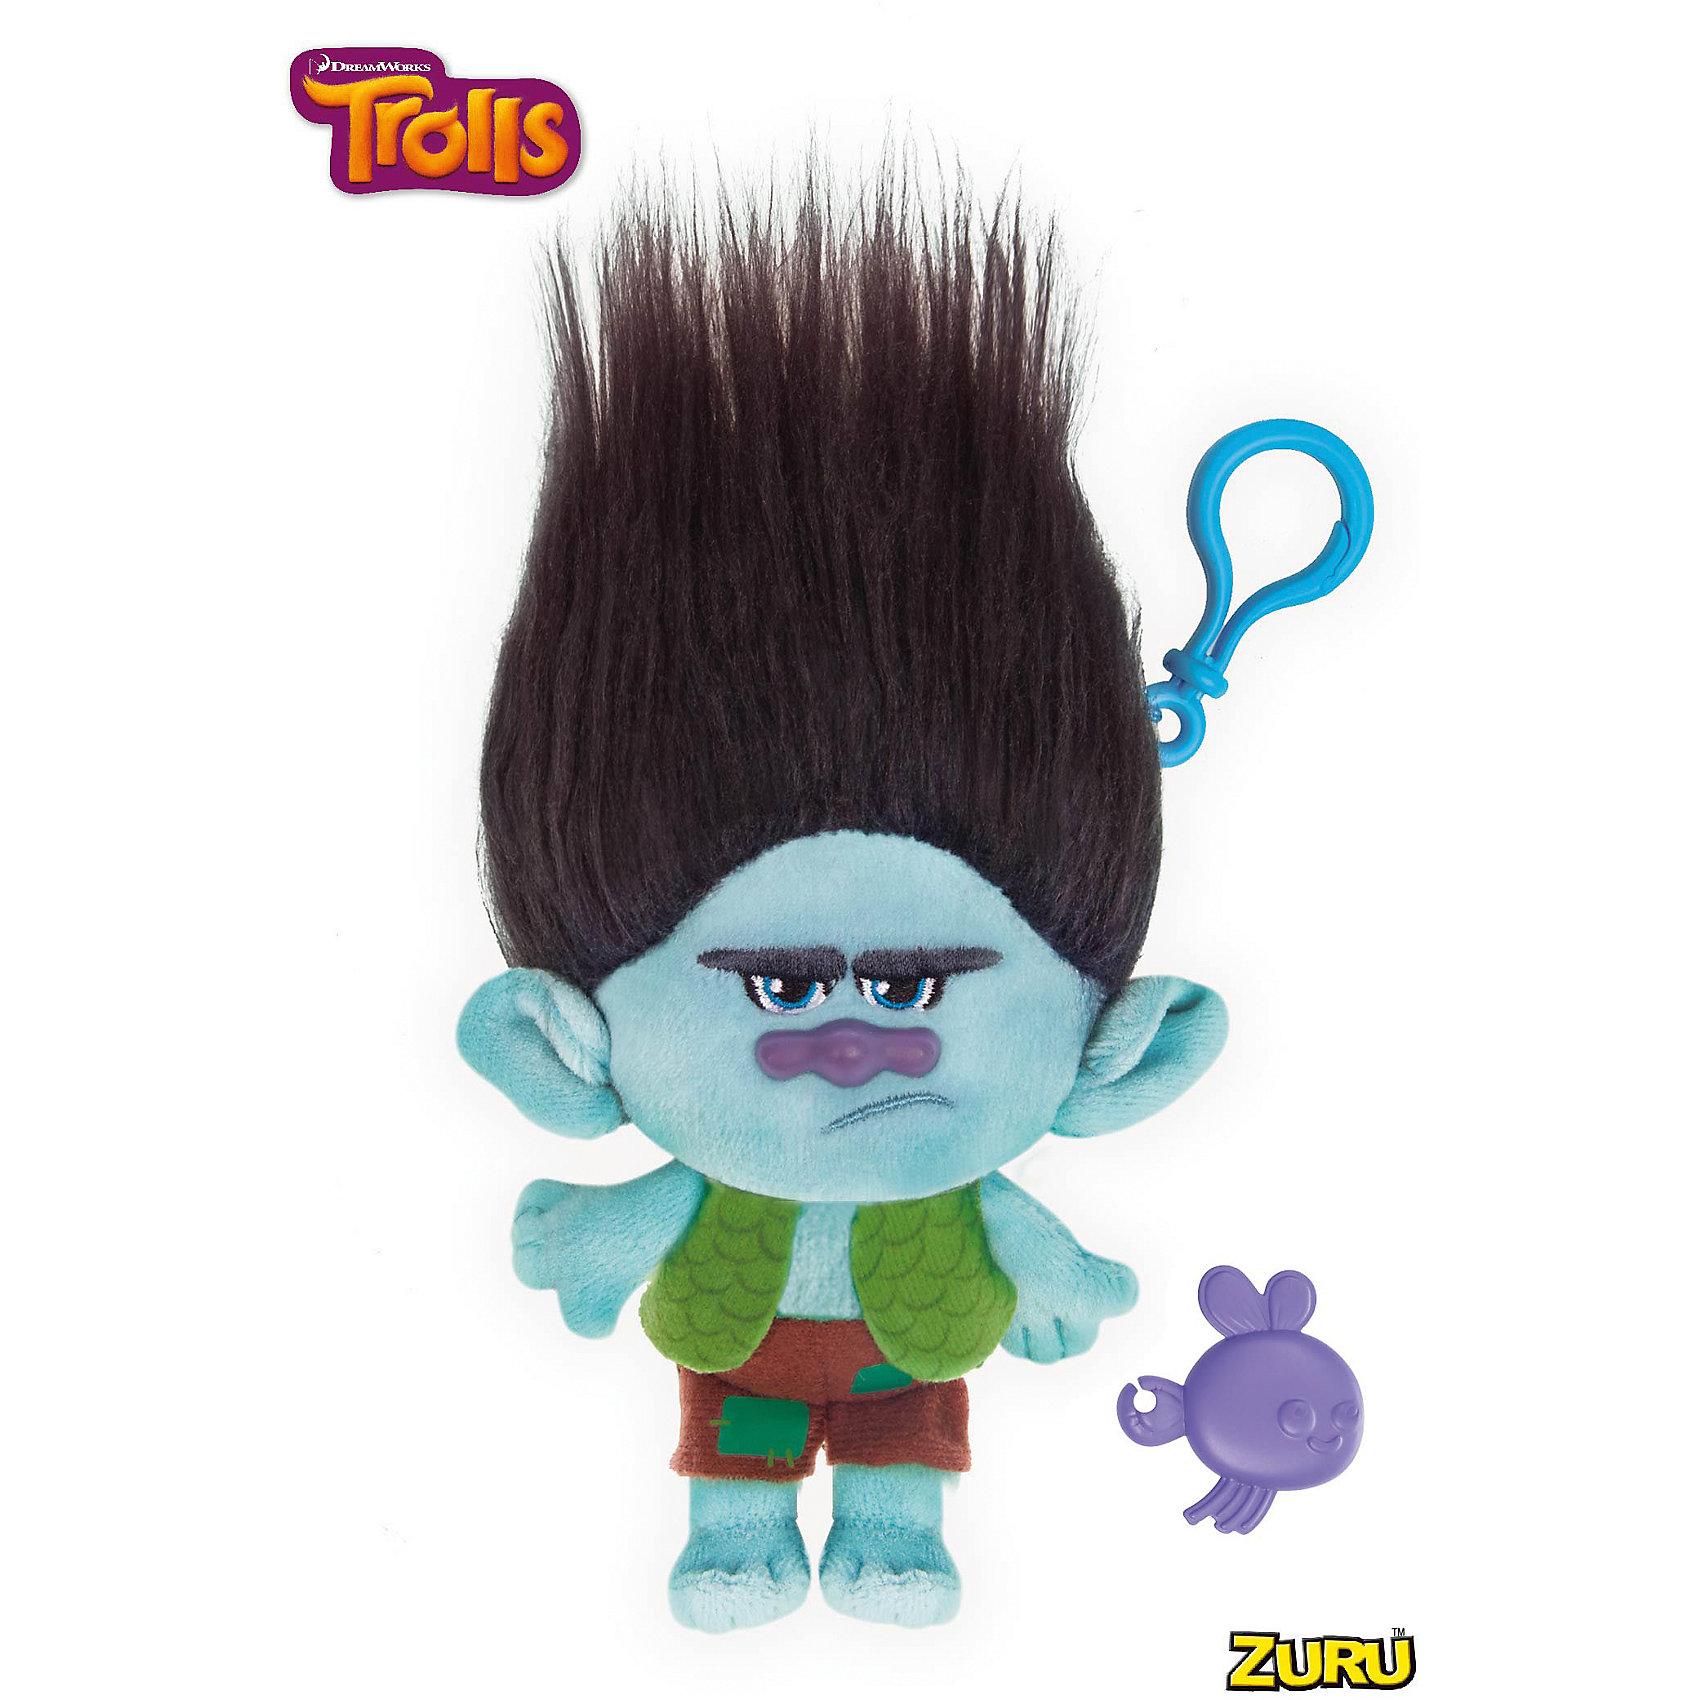 Тролль-кукла Угрюмый Цветан, 26 смТролль-кукла Цветан, 26 см - игрушка, которая наверняка порадует всех поклонников мультфильма Тролли. <br>Тролли - смешная и увлекательная анимационная комедия от студии DreamWorks. Фильм повествует об удивительном и сказочном мире,  в котором проживают не менее удивительные существа - тролли и их  противники - бергены. Тролли - веселые беззаботные создания, привыкшие петь и танцевать дни напролет. Бергены же наоборот, чувствуют себя счастливыми только тогда, когда тролли оказываются в их желудке. <br><br>Цветан является одним из главных героев, и вместе с принцессой Розочкой Цветан помогает спасти своих друзей от Бергенов.<br><br>Дополнительная информация:<br><br>- Высота игрушки: 26 см.<br>- В комплект вместе с игрушкой входят расческа для волос тролля и карабин.<br>- Материалы: текстиль, пластмасса.<br><br>Тролль-куклу Цветан, 26 см можно купить в нашем интернет-магазине.<br><br>Ширина мм: 200<br>Глубина мм: 70<br>Высота мм: 260<br>Вес г: 210<br>Возраст от месяцев: 36<br>Возраст до месяцев: 2147483647<br>Пол: Унисекс<br>Возраст: Детский<br>SKU: 4919076